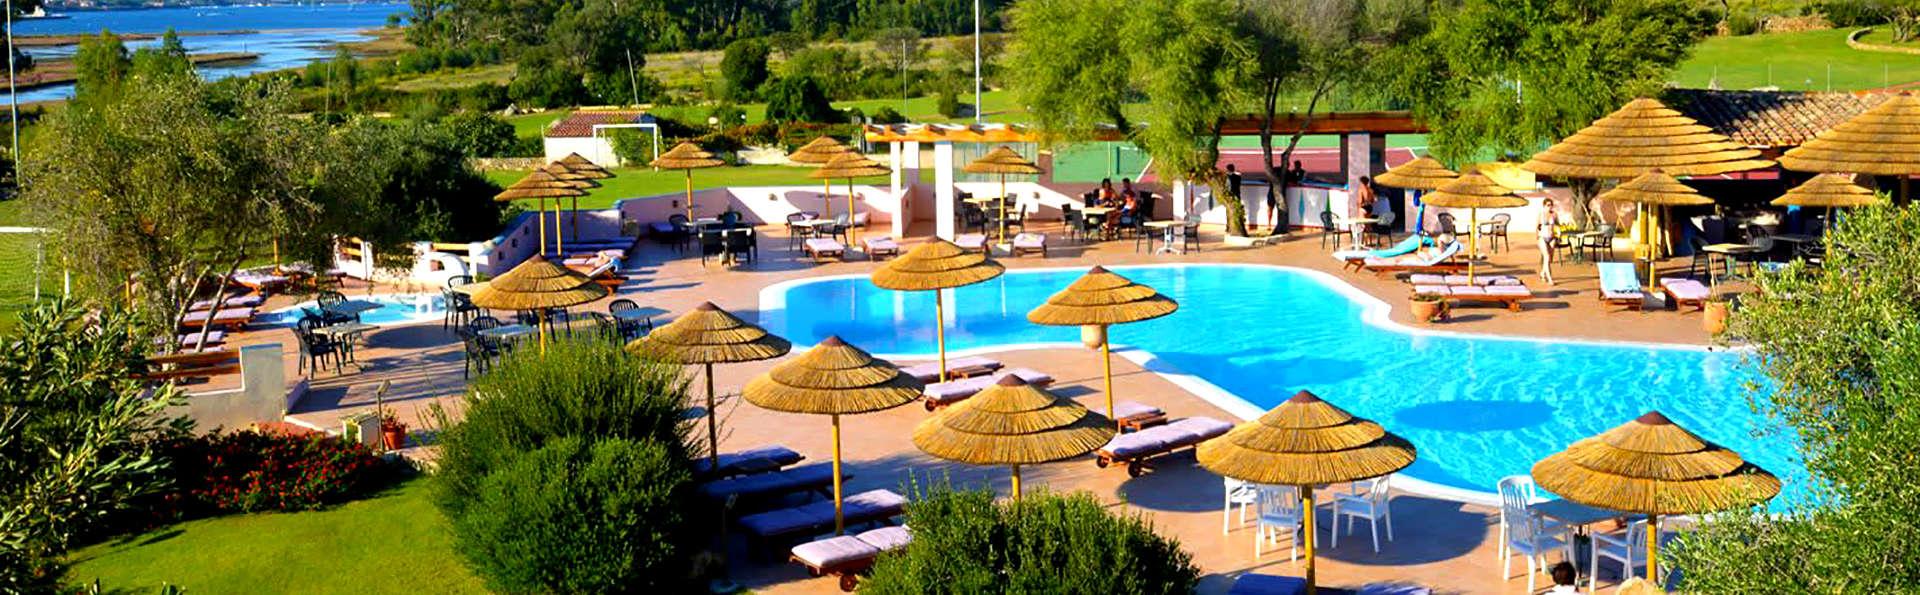 Profitez à 100% de la Sardaigne grâce au surclassment en chambre avec vue sur la piscine